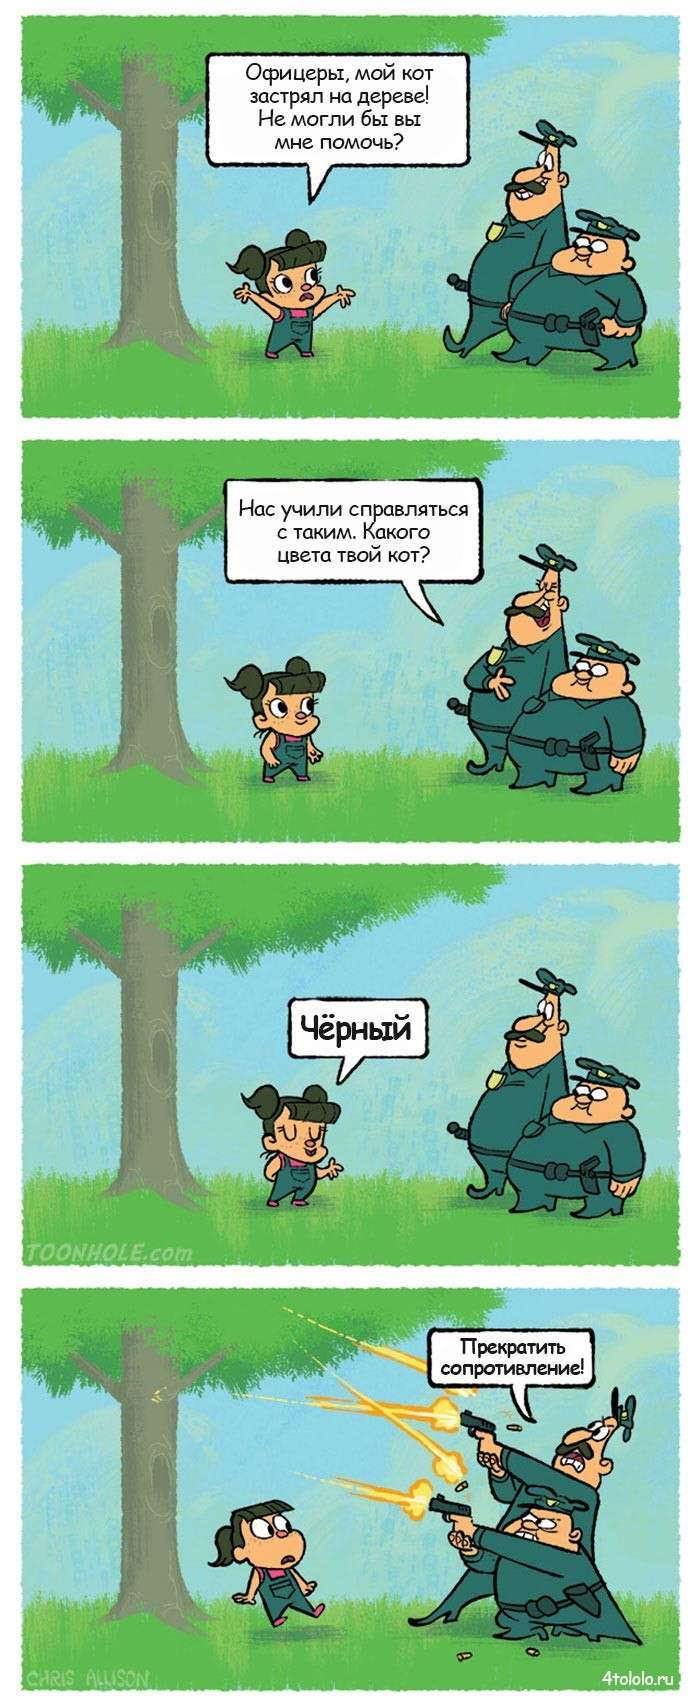 Забавные комиксы (25 фото)